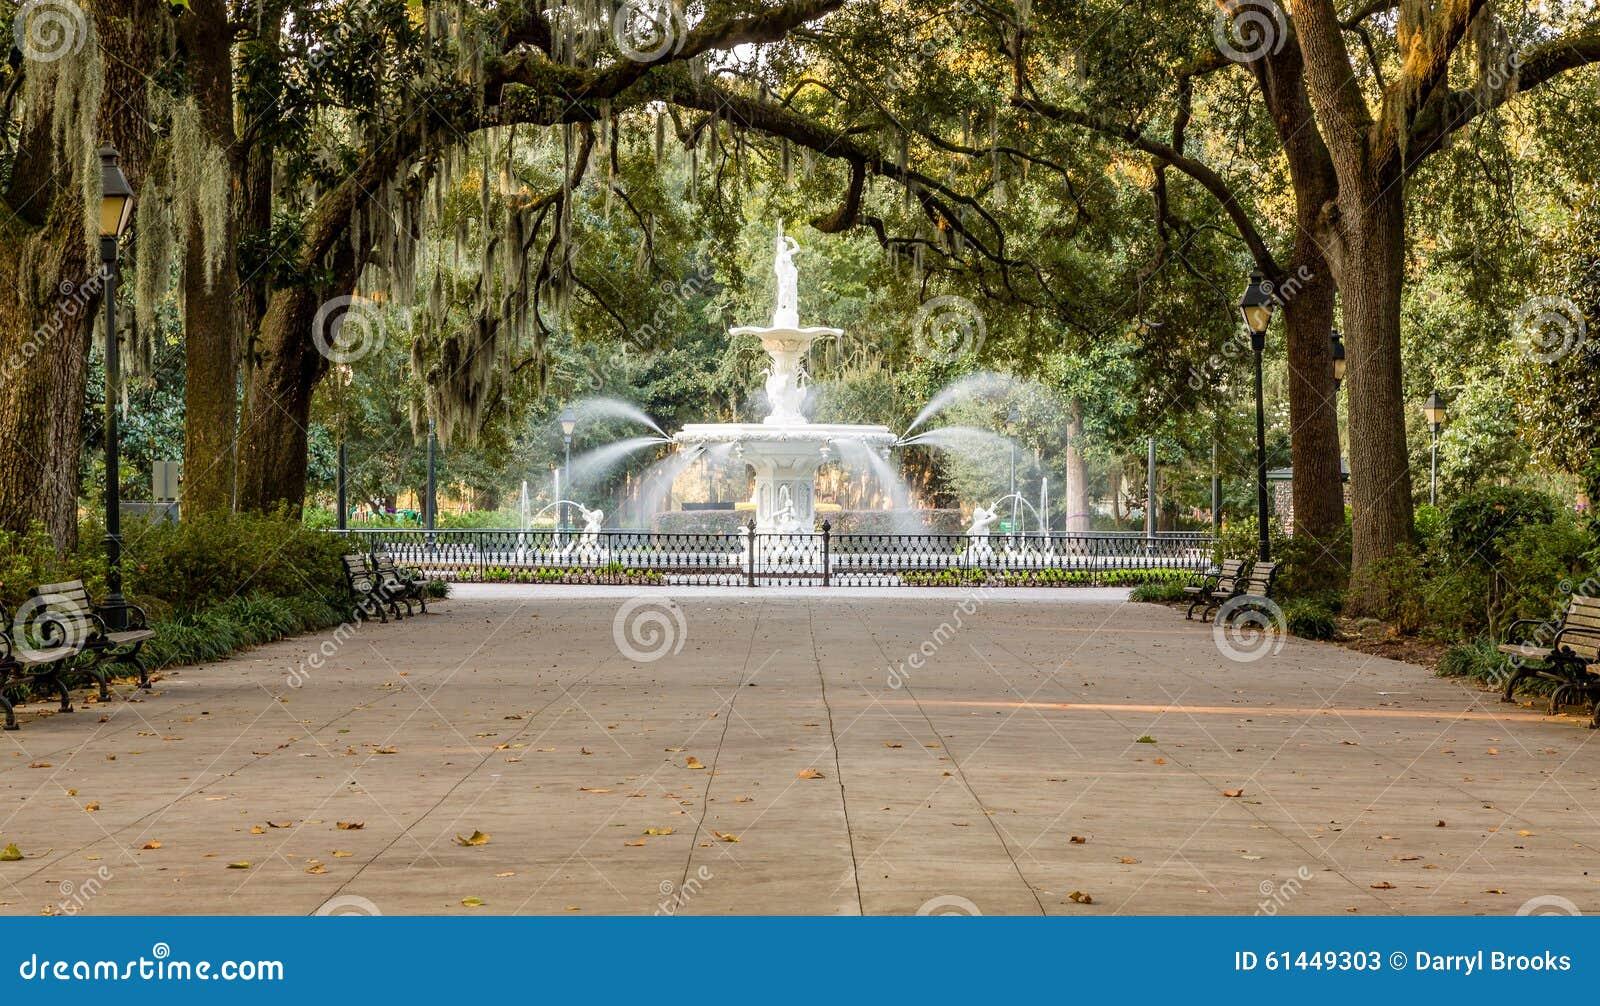 Forsyth Fountain Under Oaks